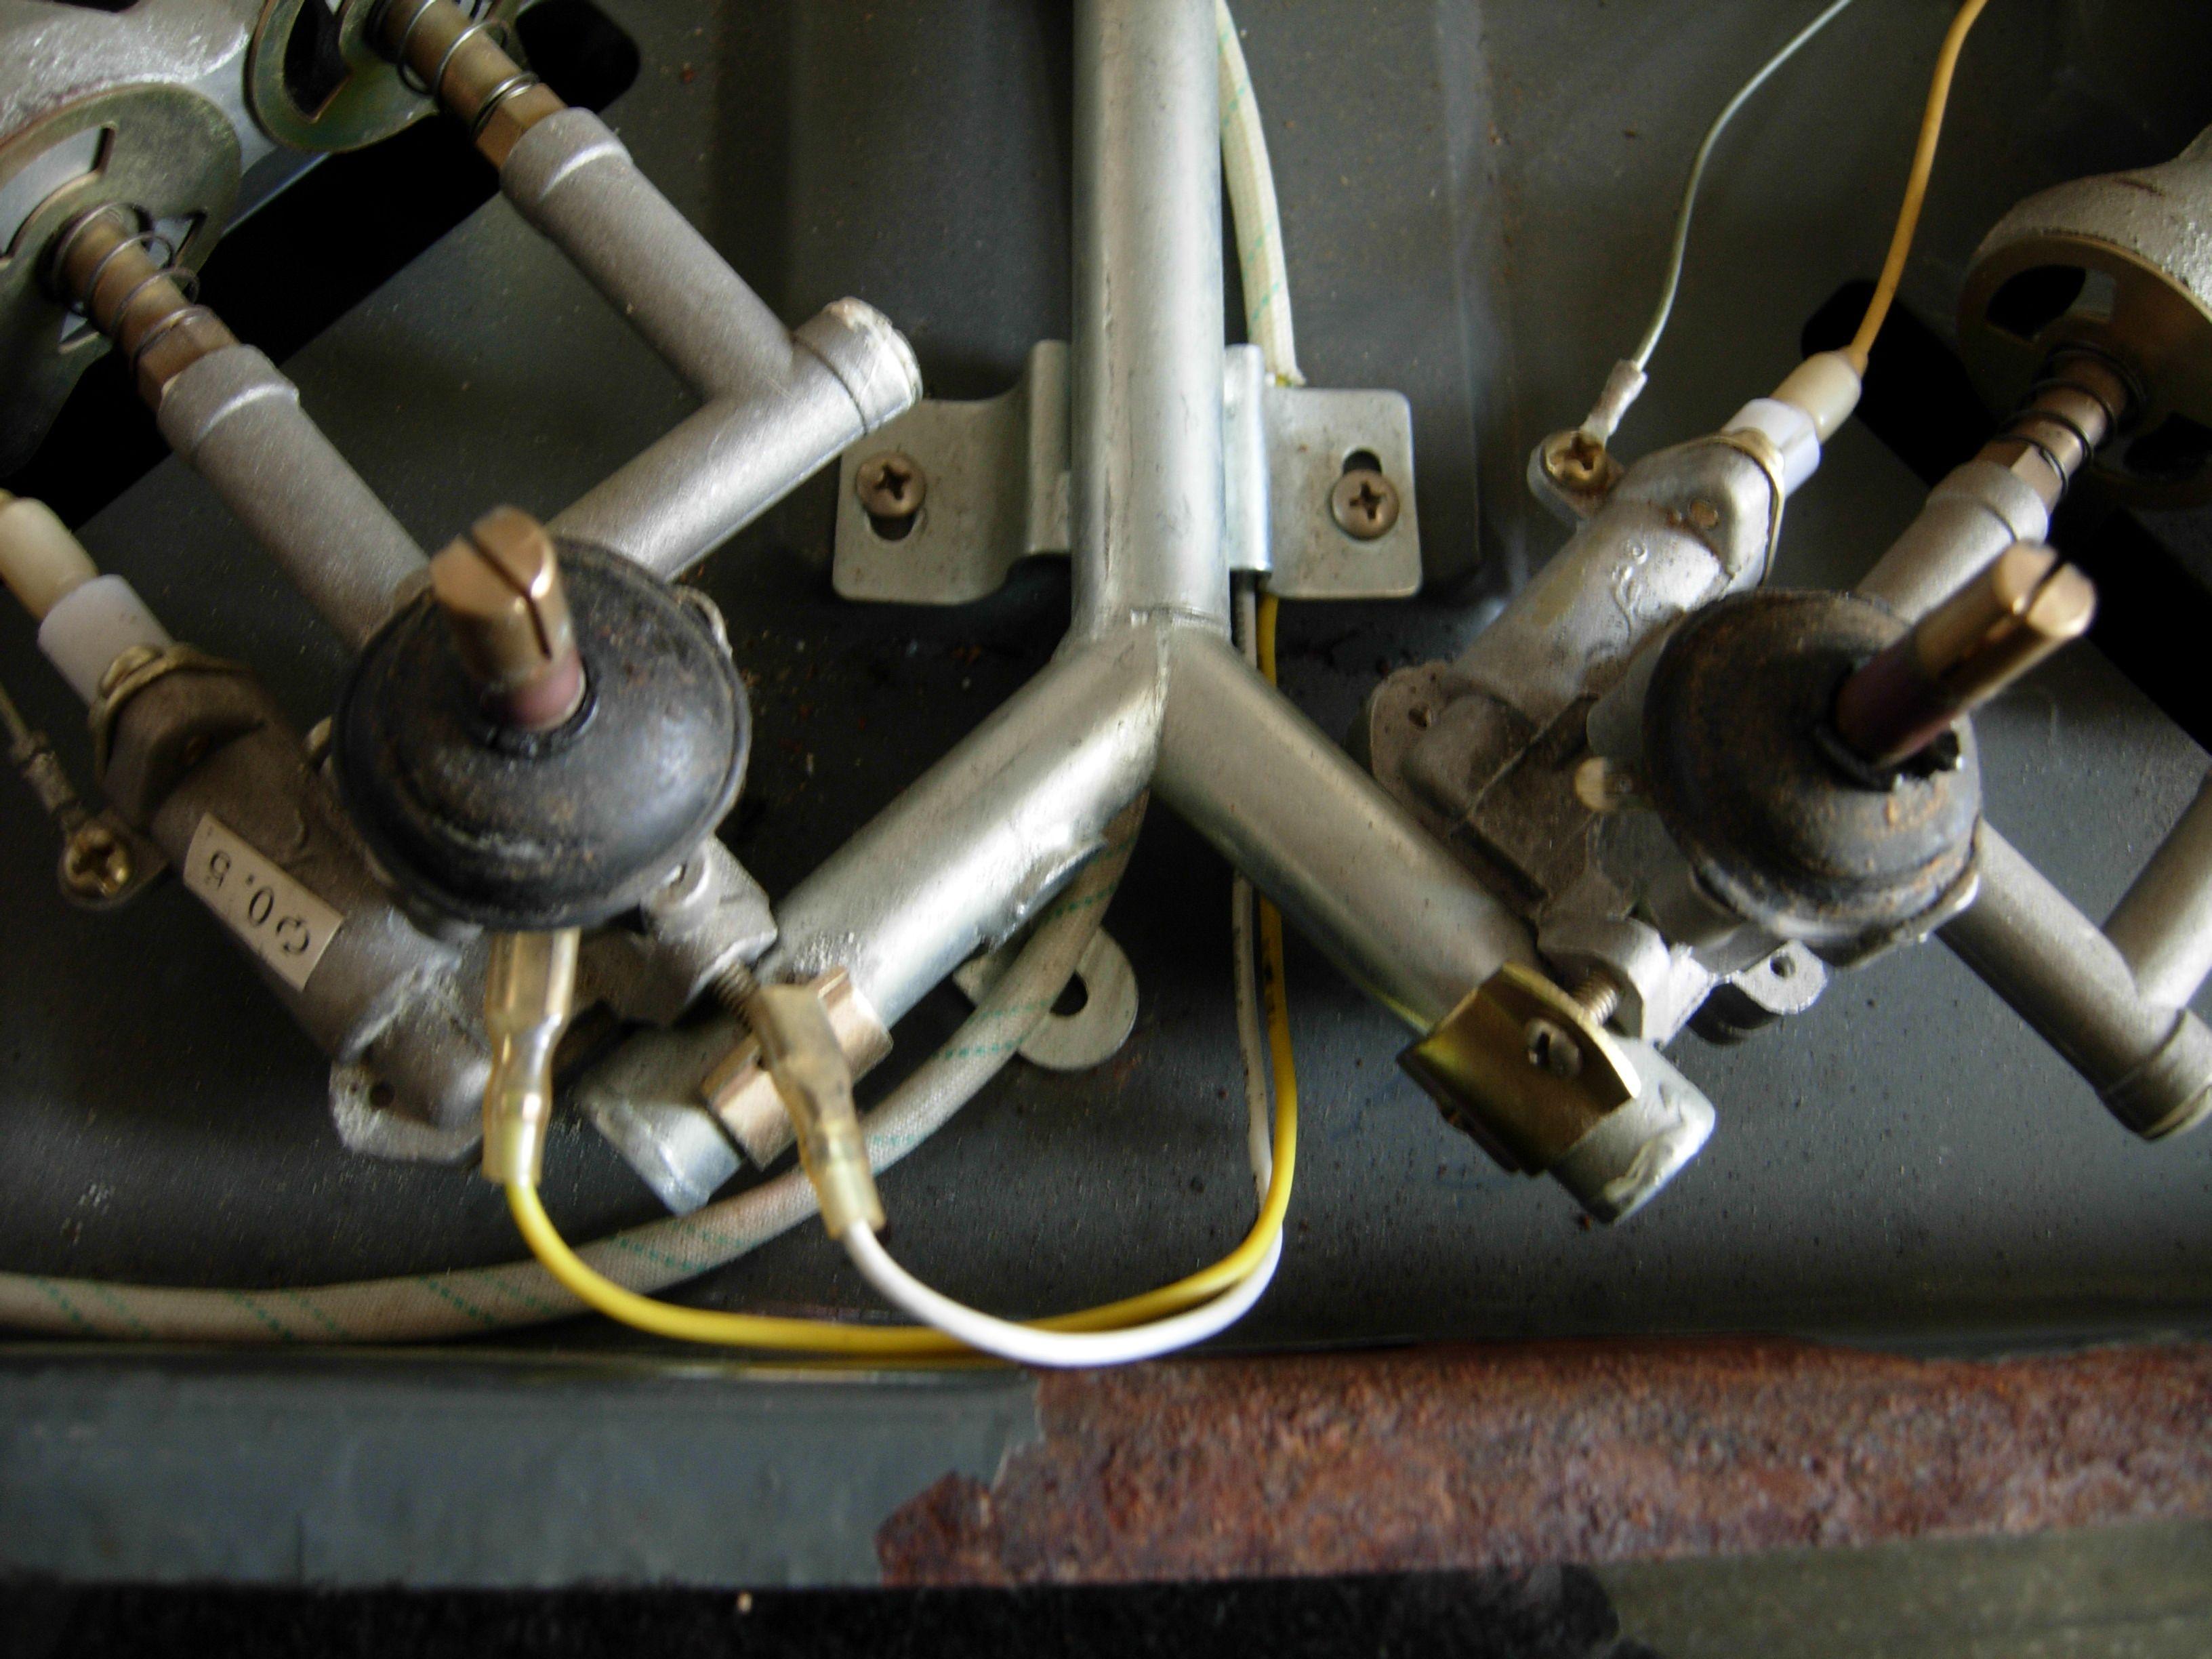 液化气灶的装配图_按下燃气灶旋钮没有点火声_百度知道